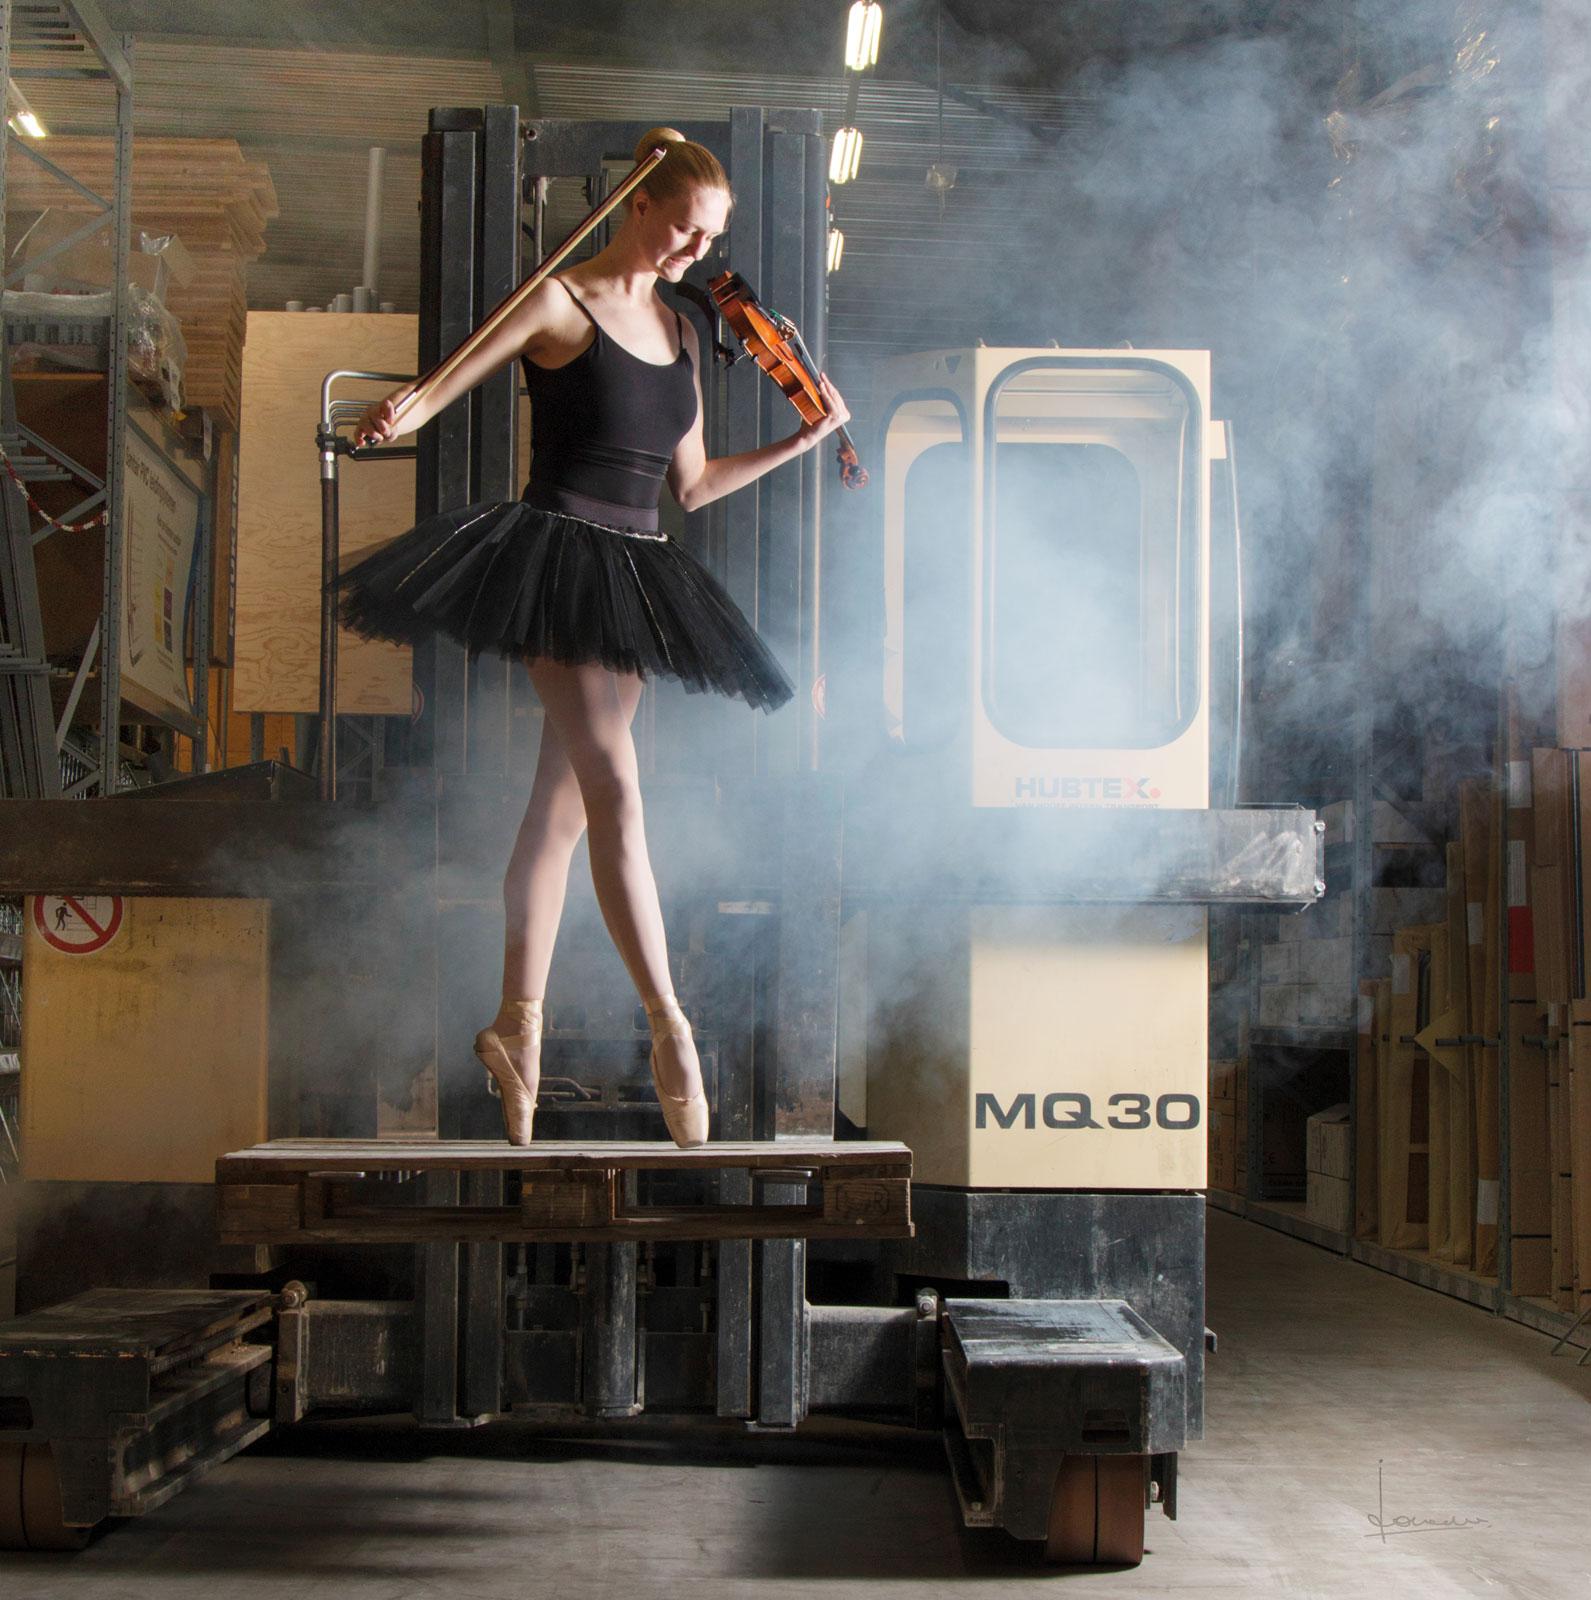 Dansend in een bouwhal, ballerina en violiste zijn, de ultime combinatie.